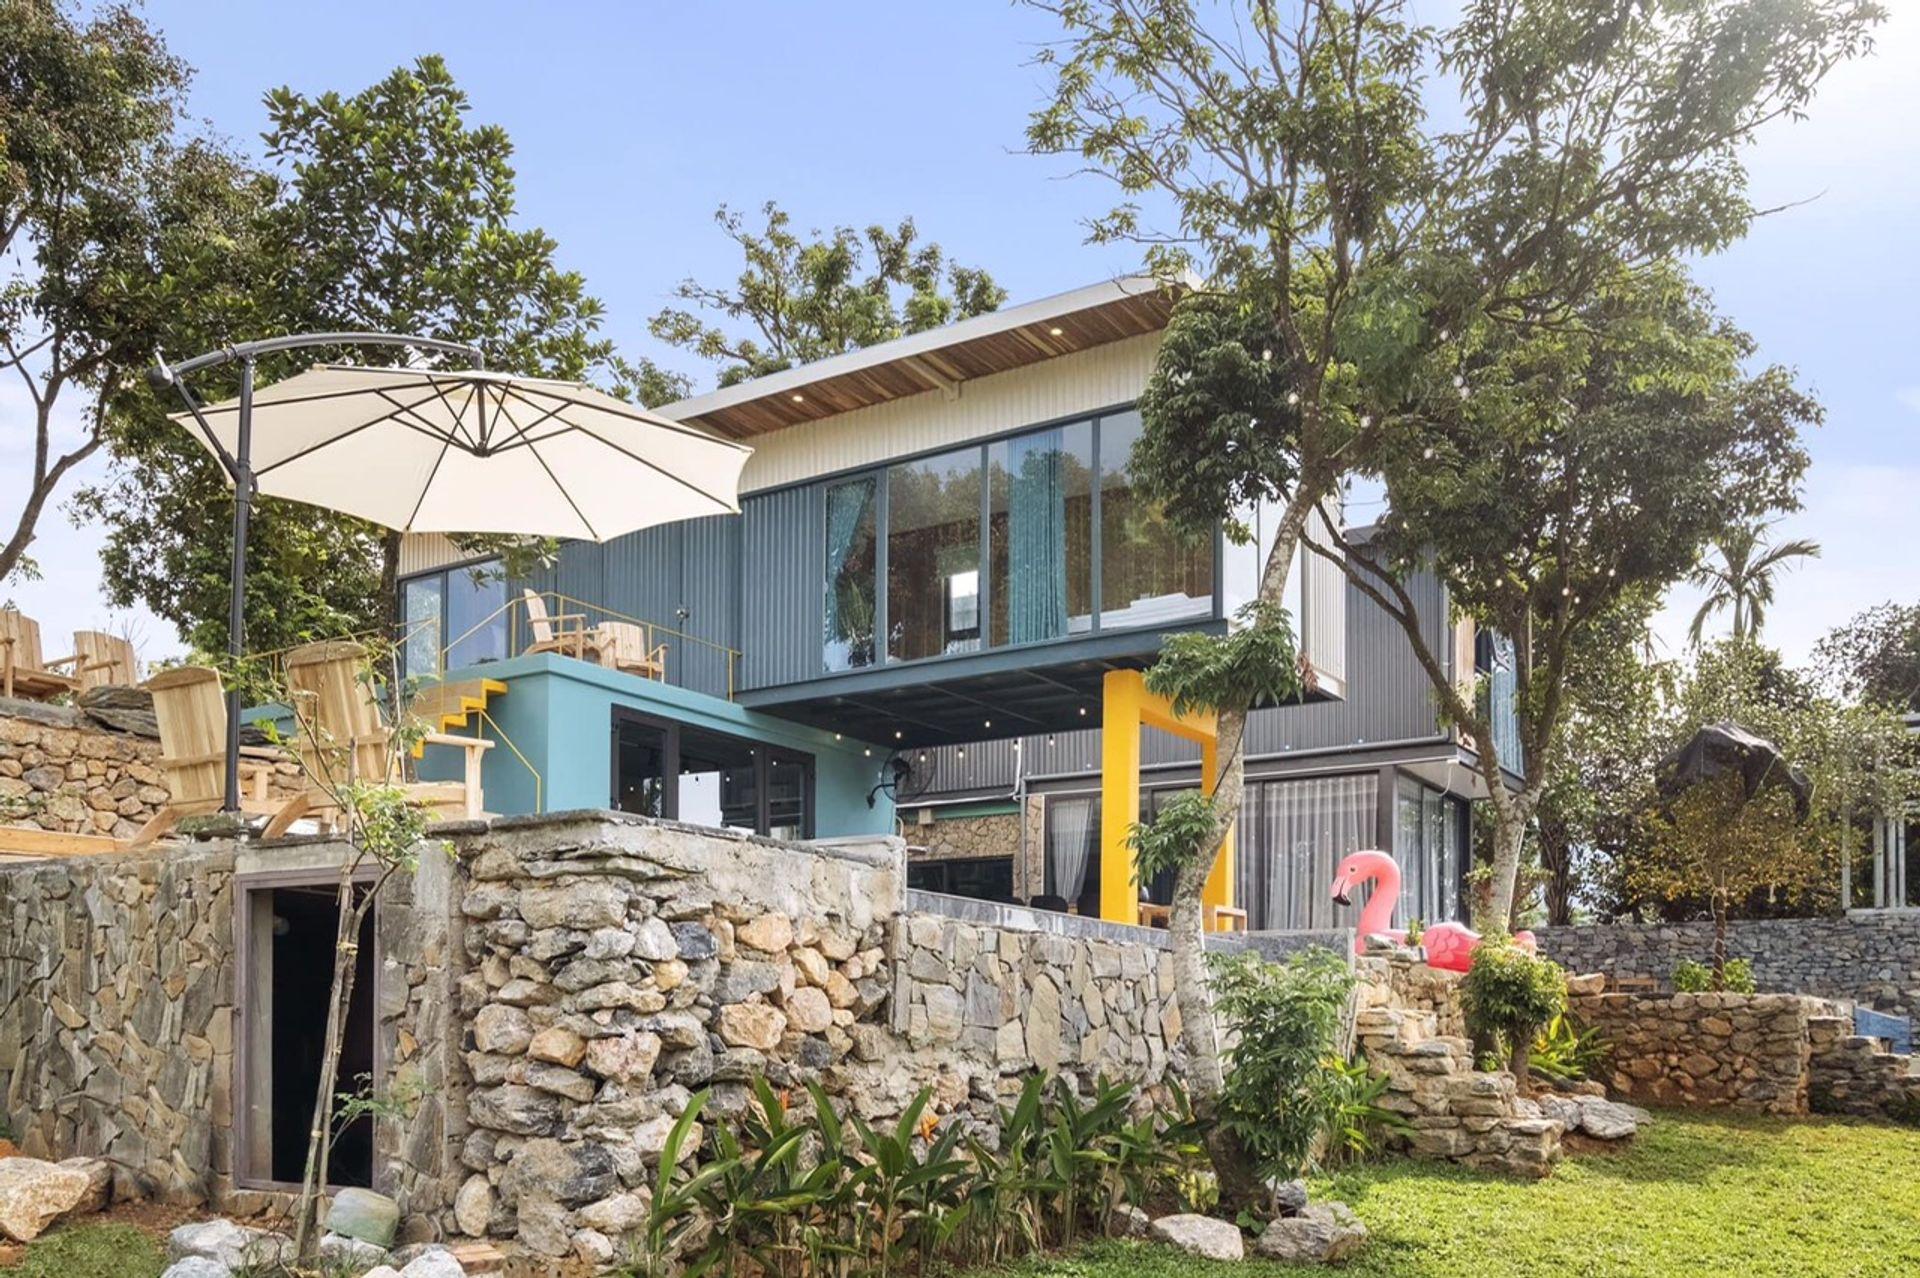 khong-gian-mia-house-homestay-ba-vi-ha-noi-03